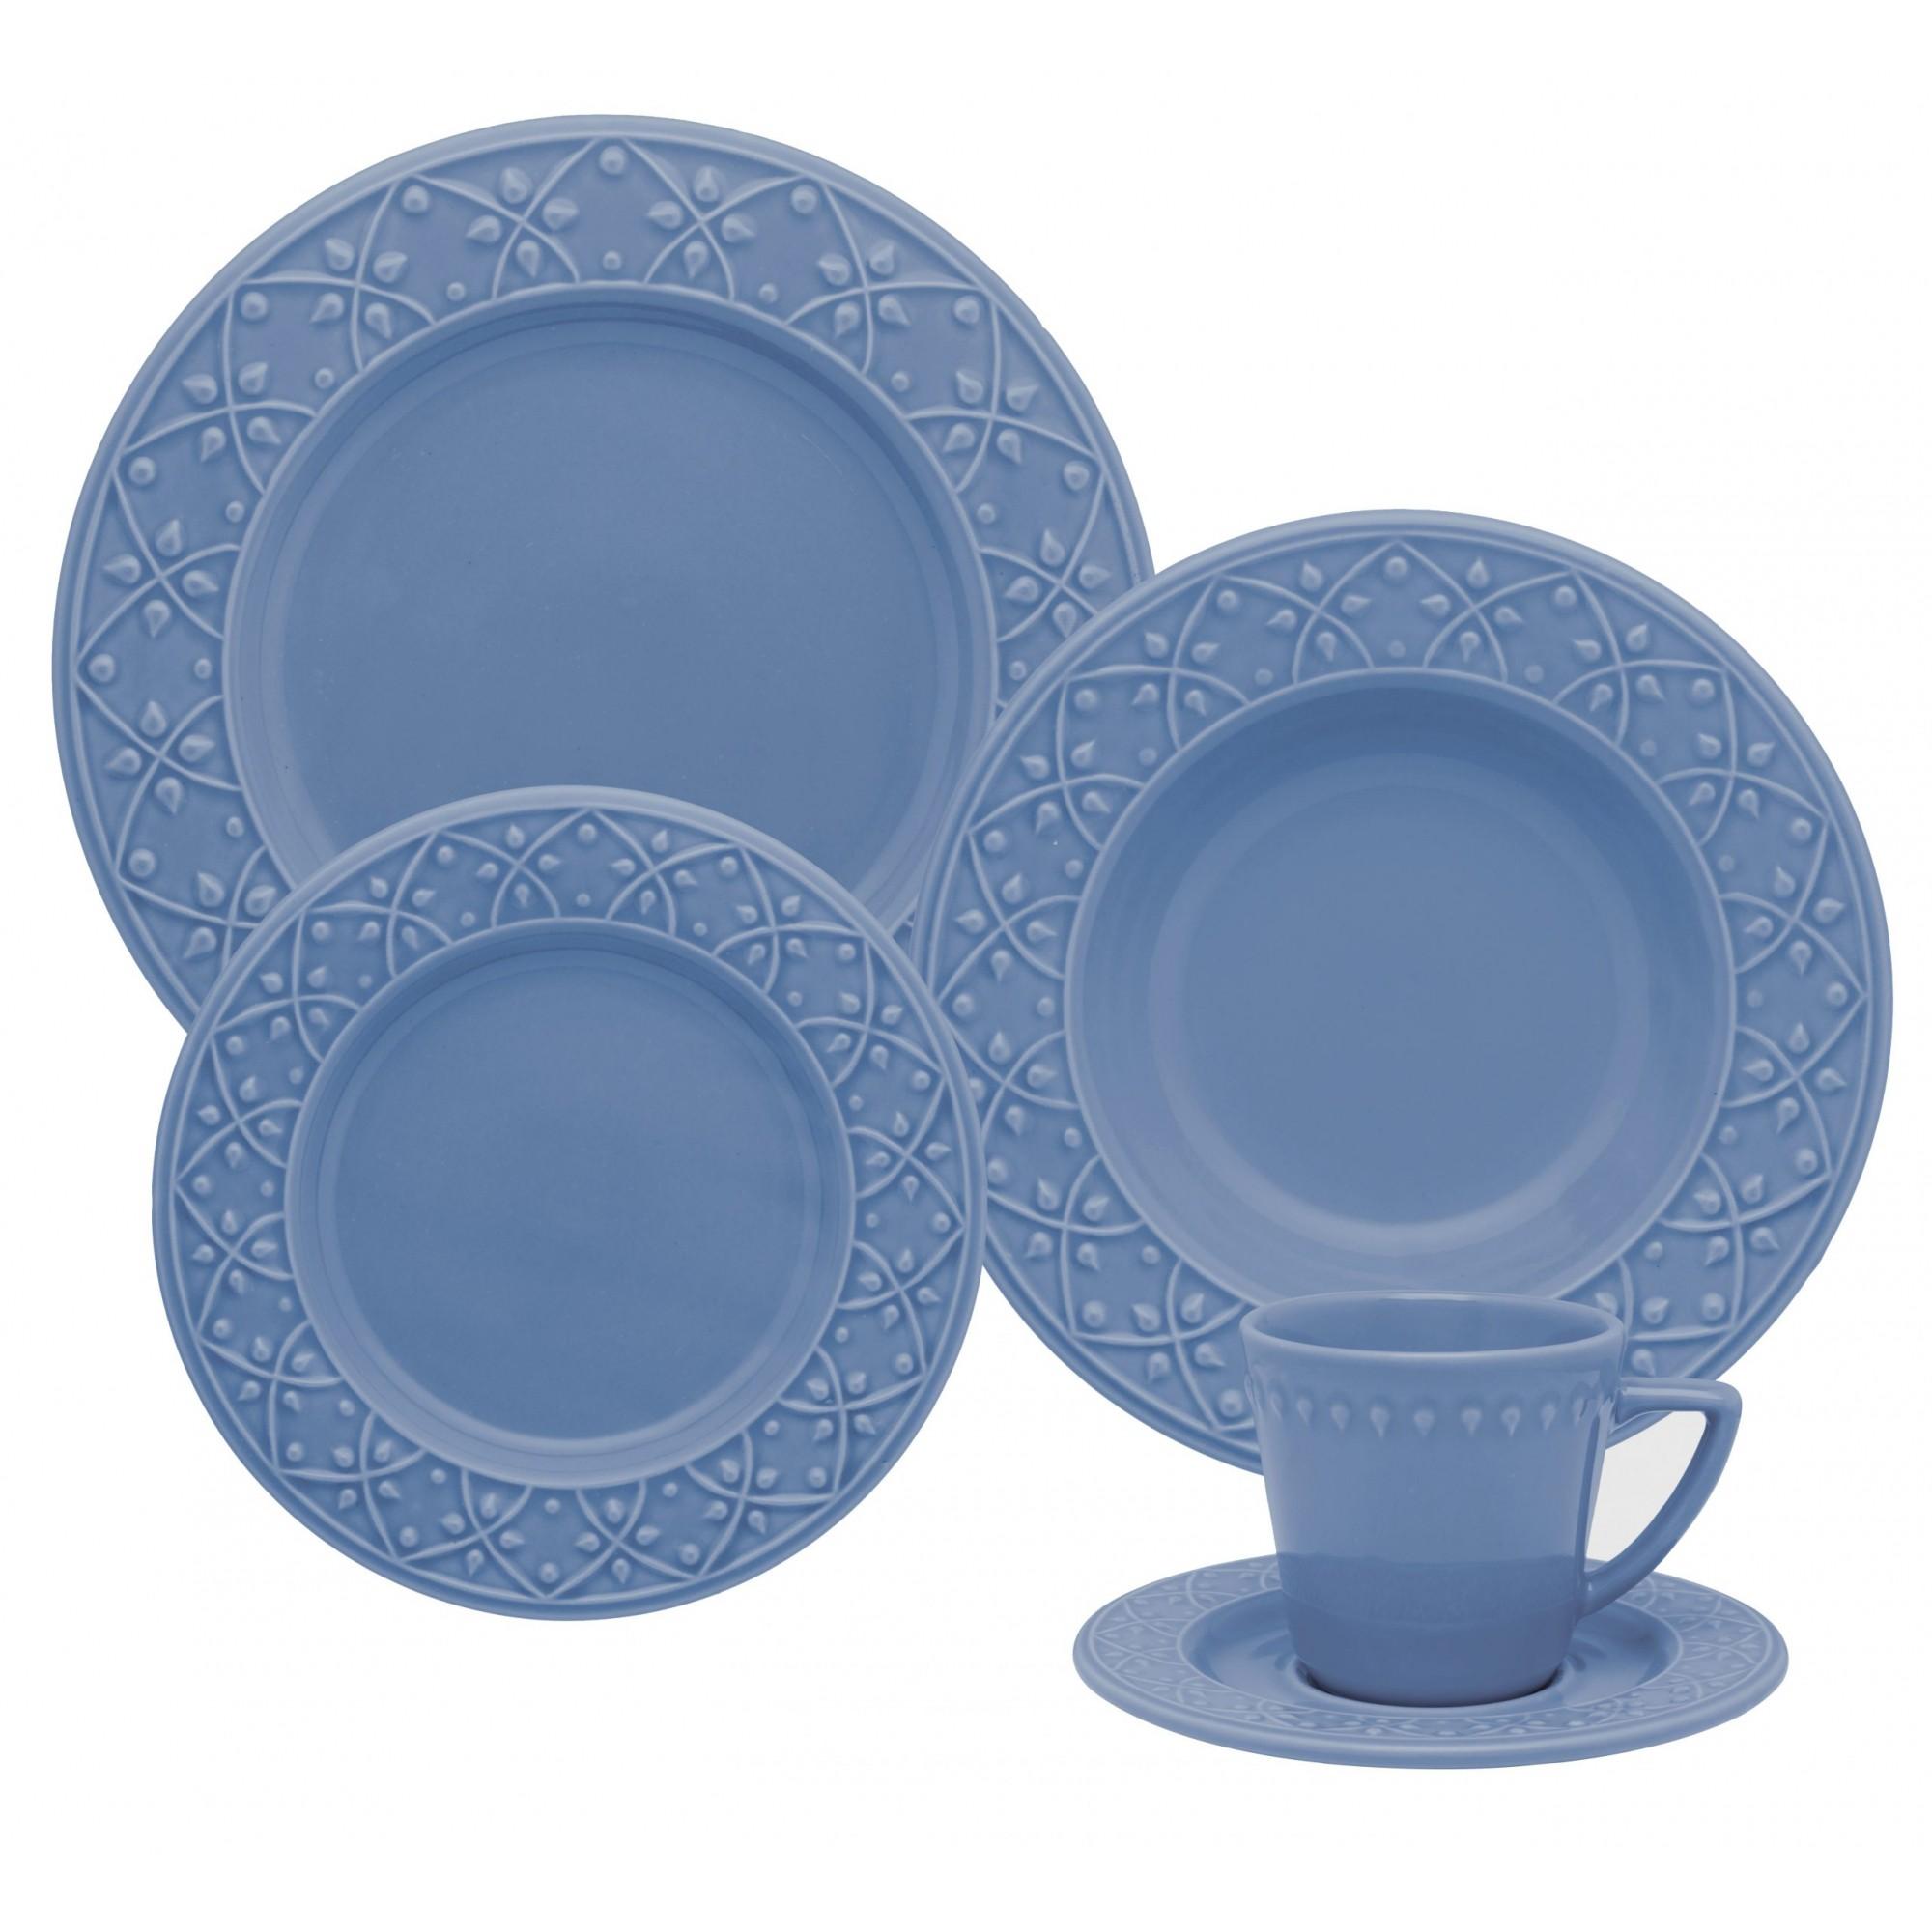 Aparelho De Jantar/Chá 30 Peças Mendi Capri - Oxford Daily